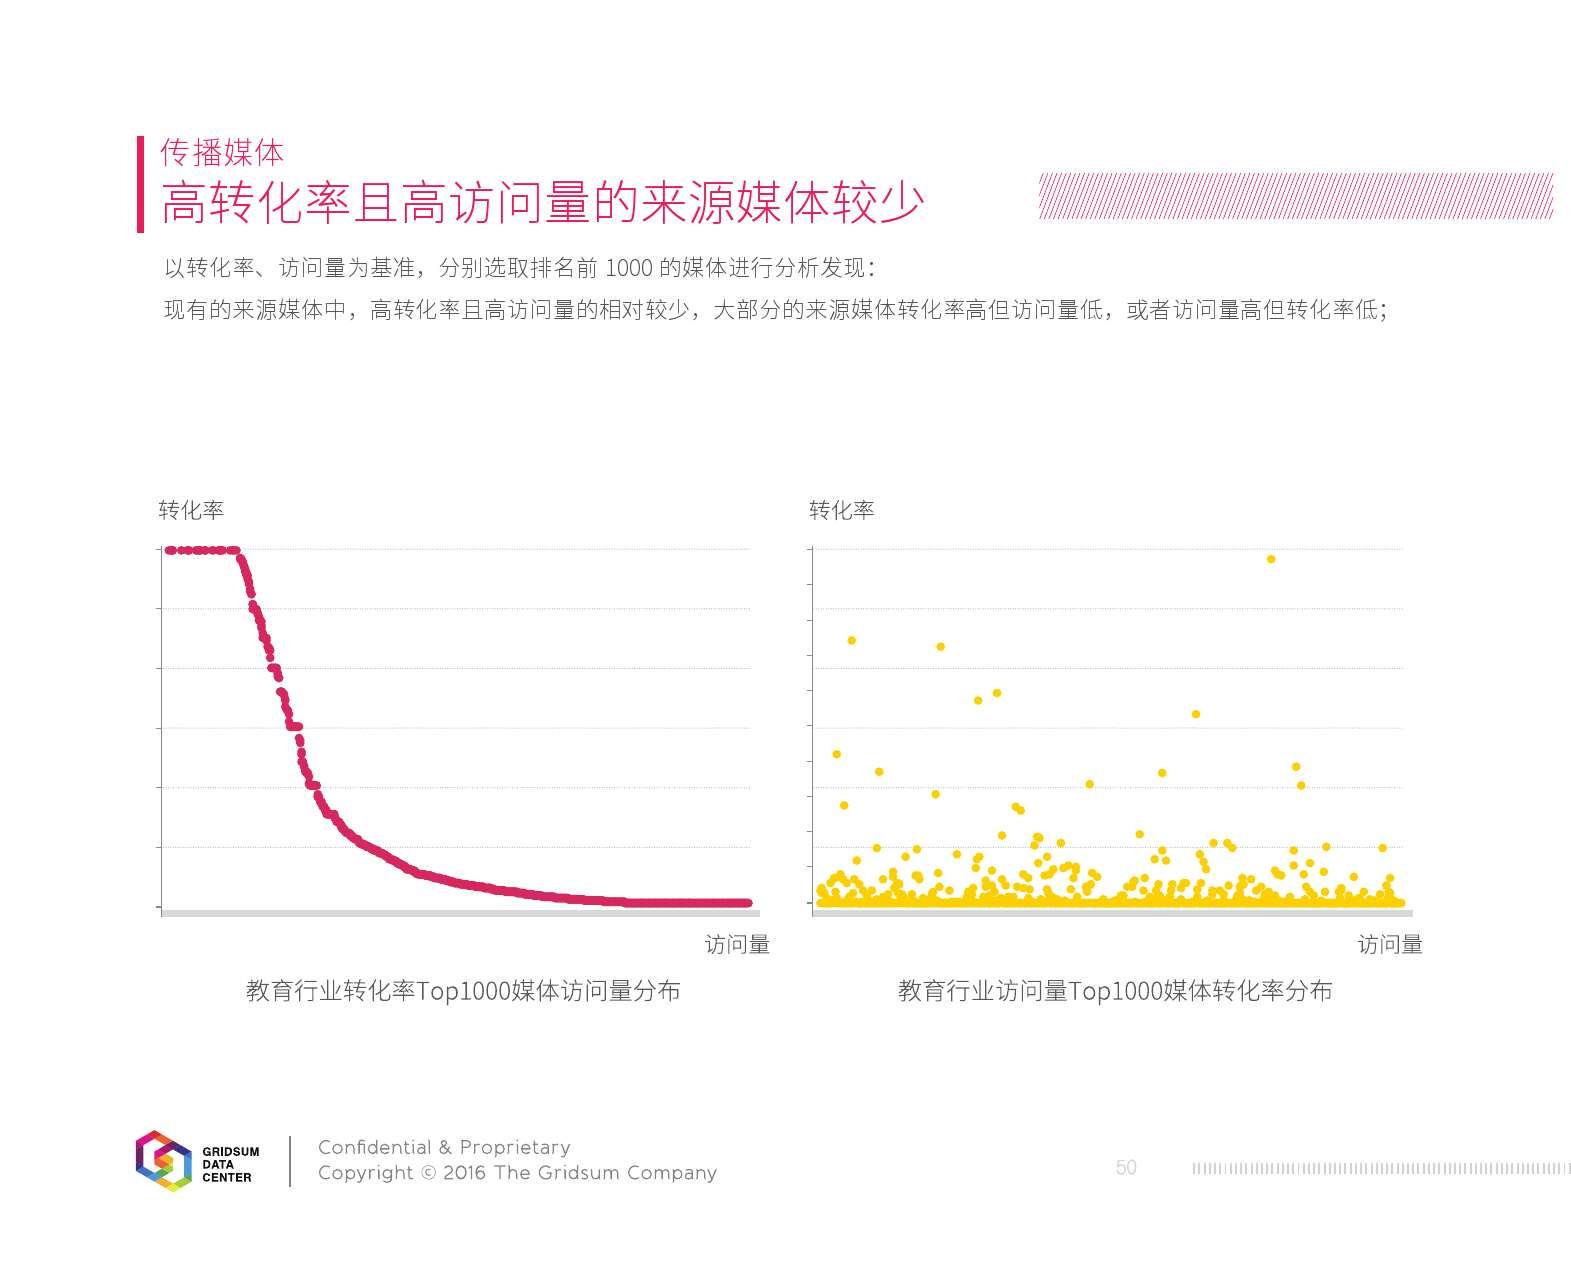 2015中国互联网发展报告_000052